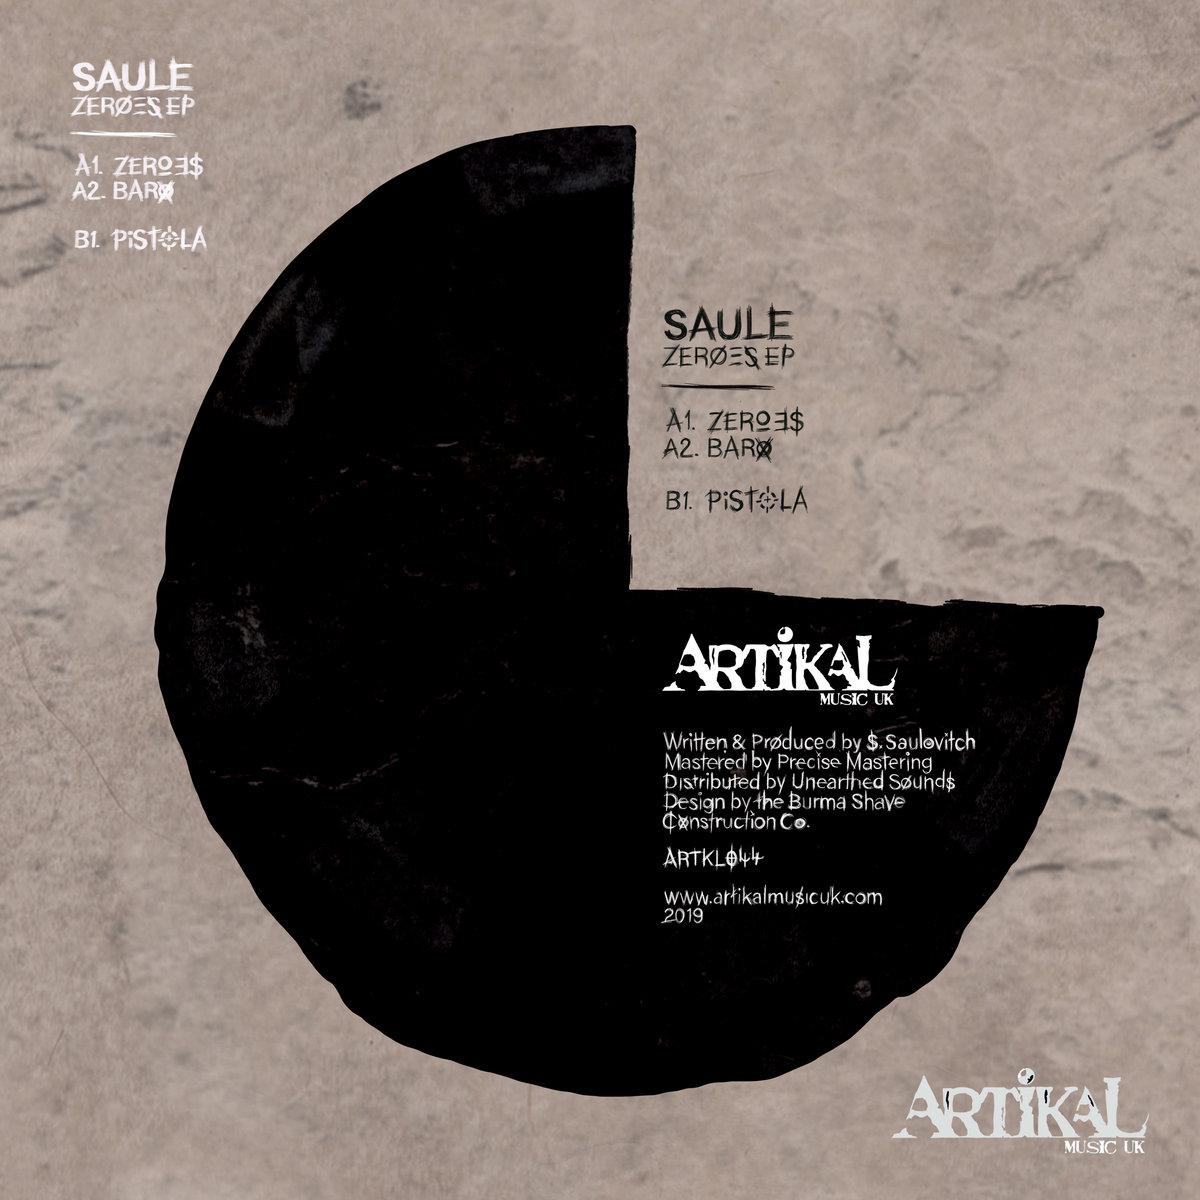 Zeroes EP   Artikal Music UK